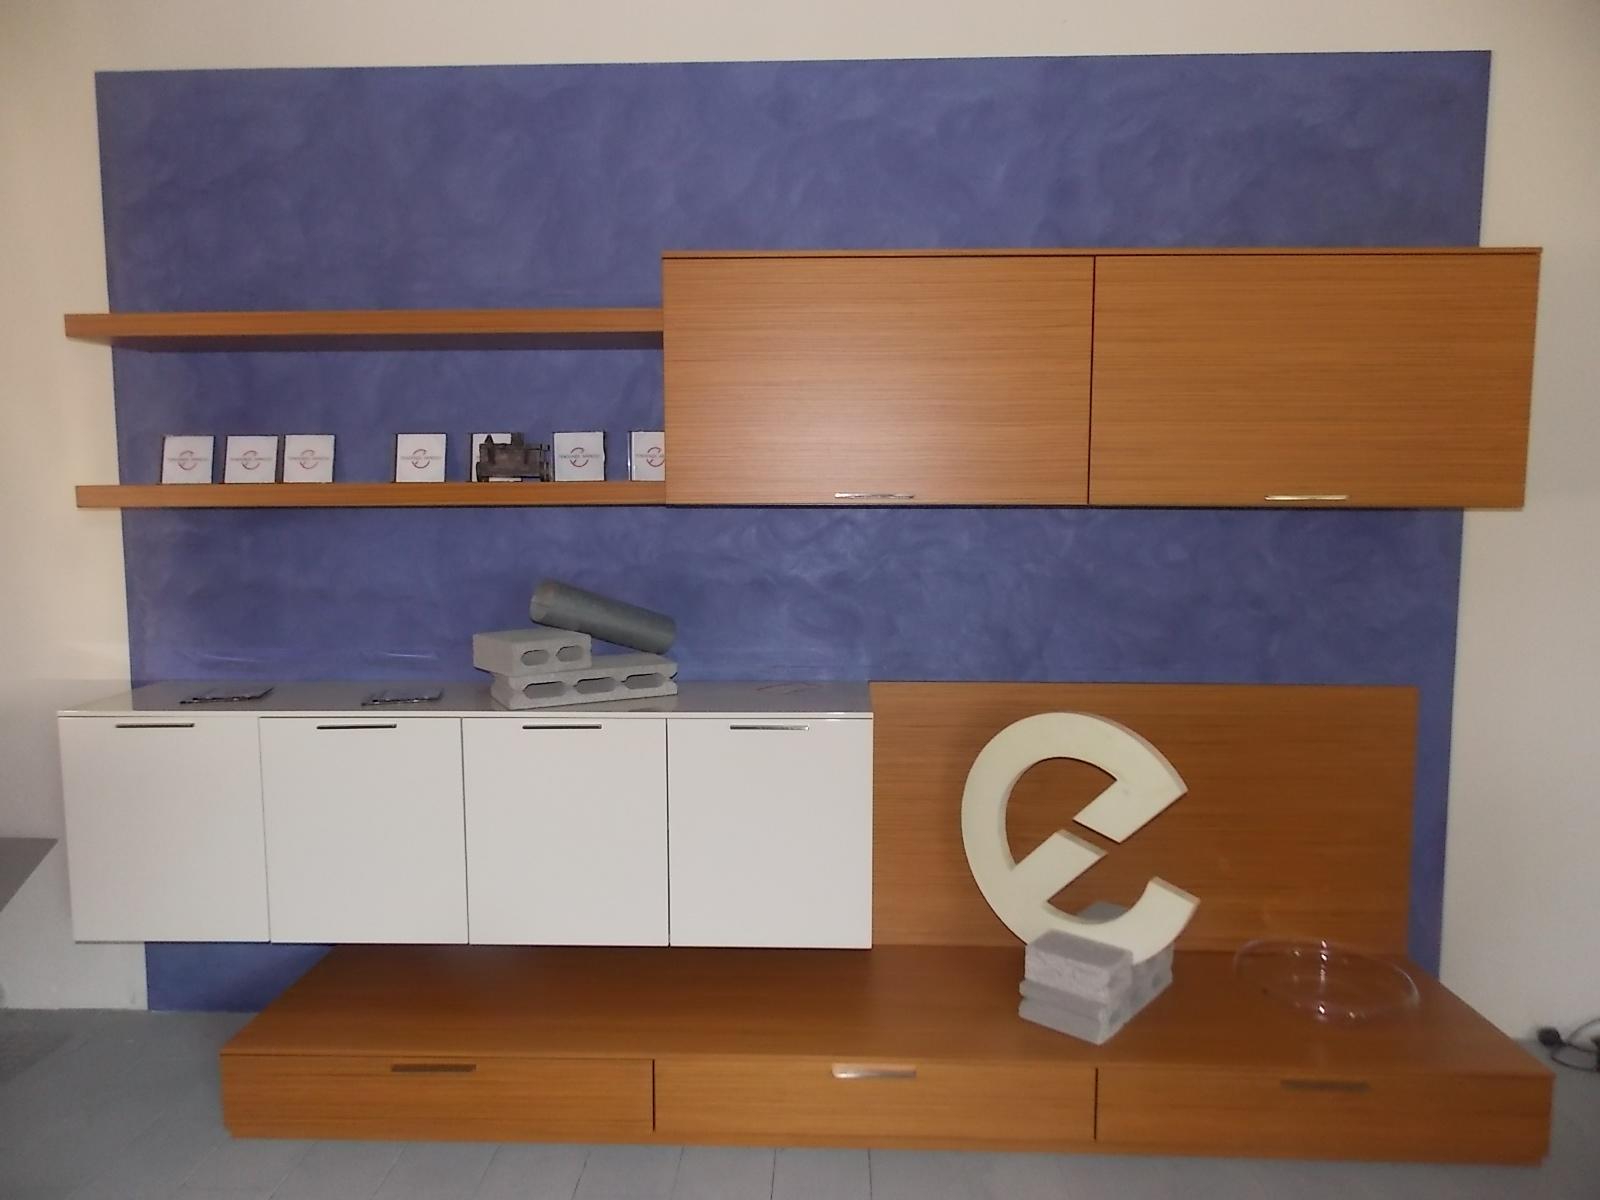 Soggiorno Doimo Design Soggiorno a parete Laccato Lucido - Soggiorni a prezzi scontati